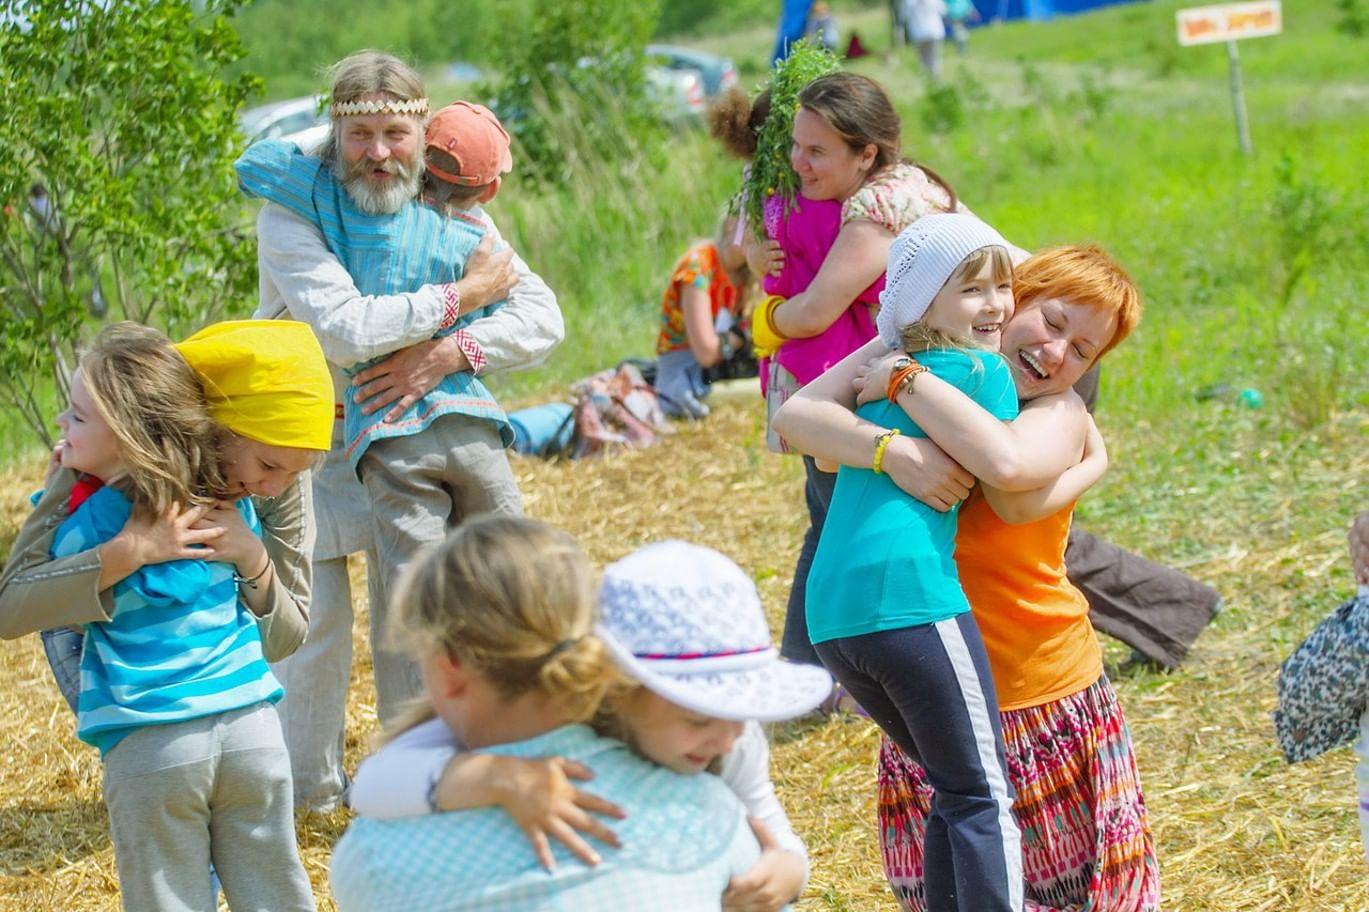 Этнофестиваль «Небо и земля». Фотография: etnofestival.com